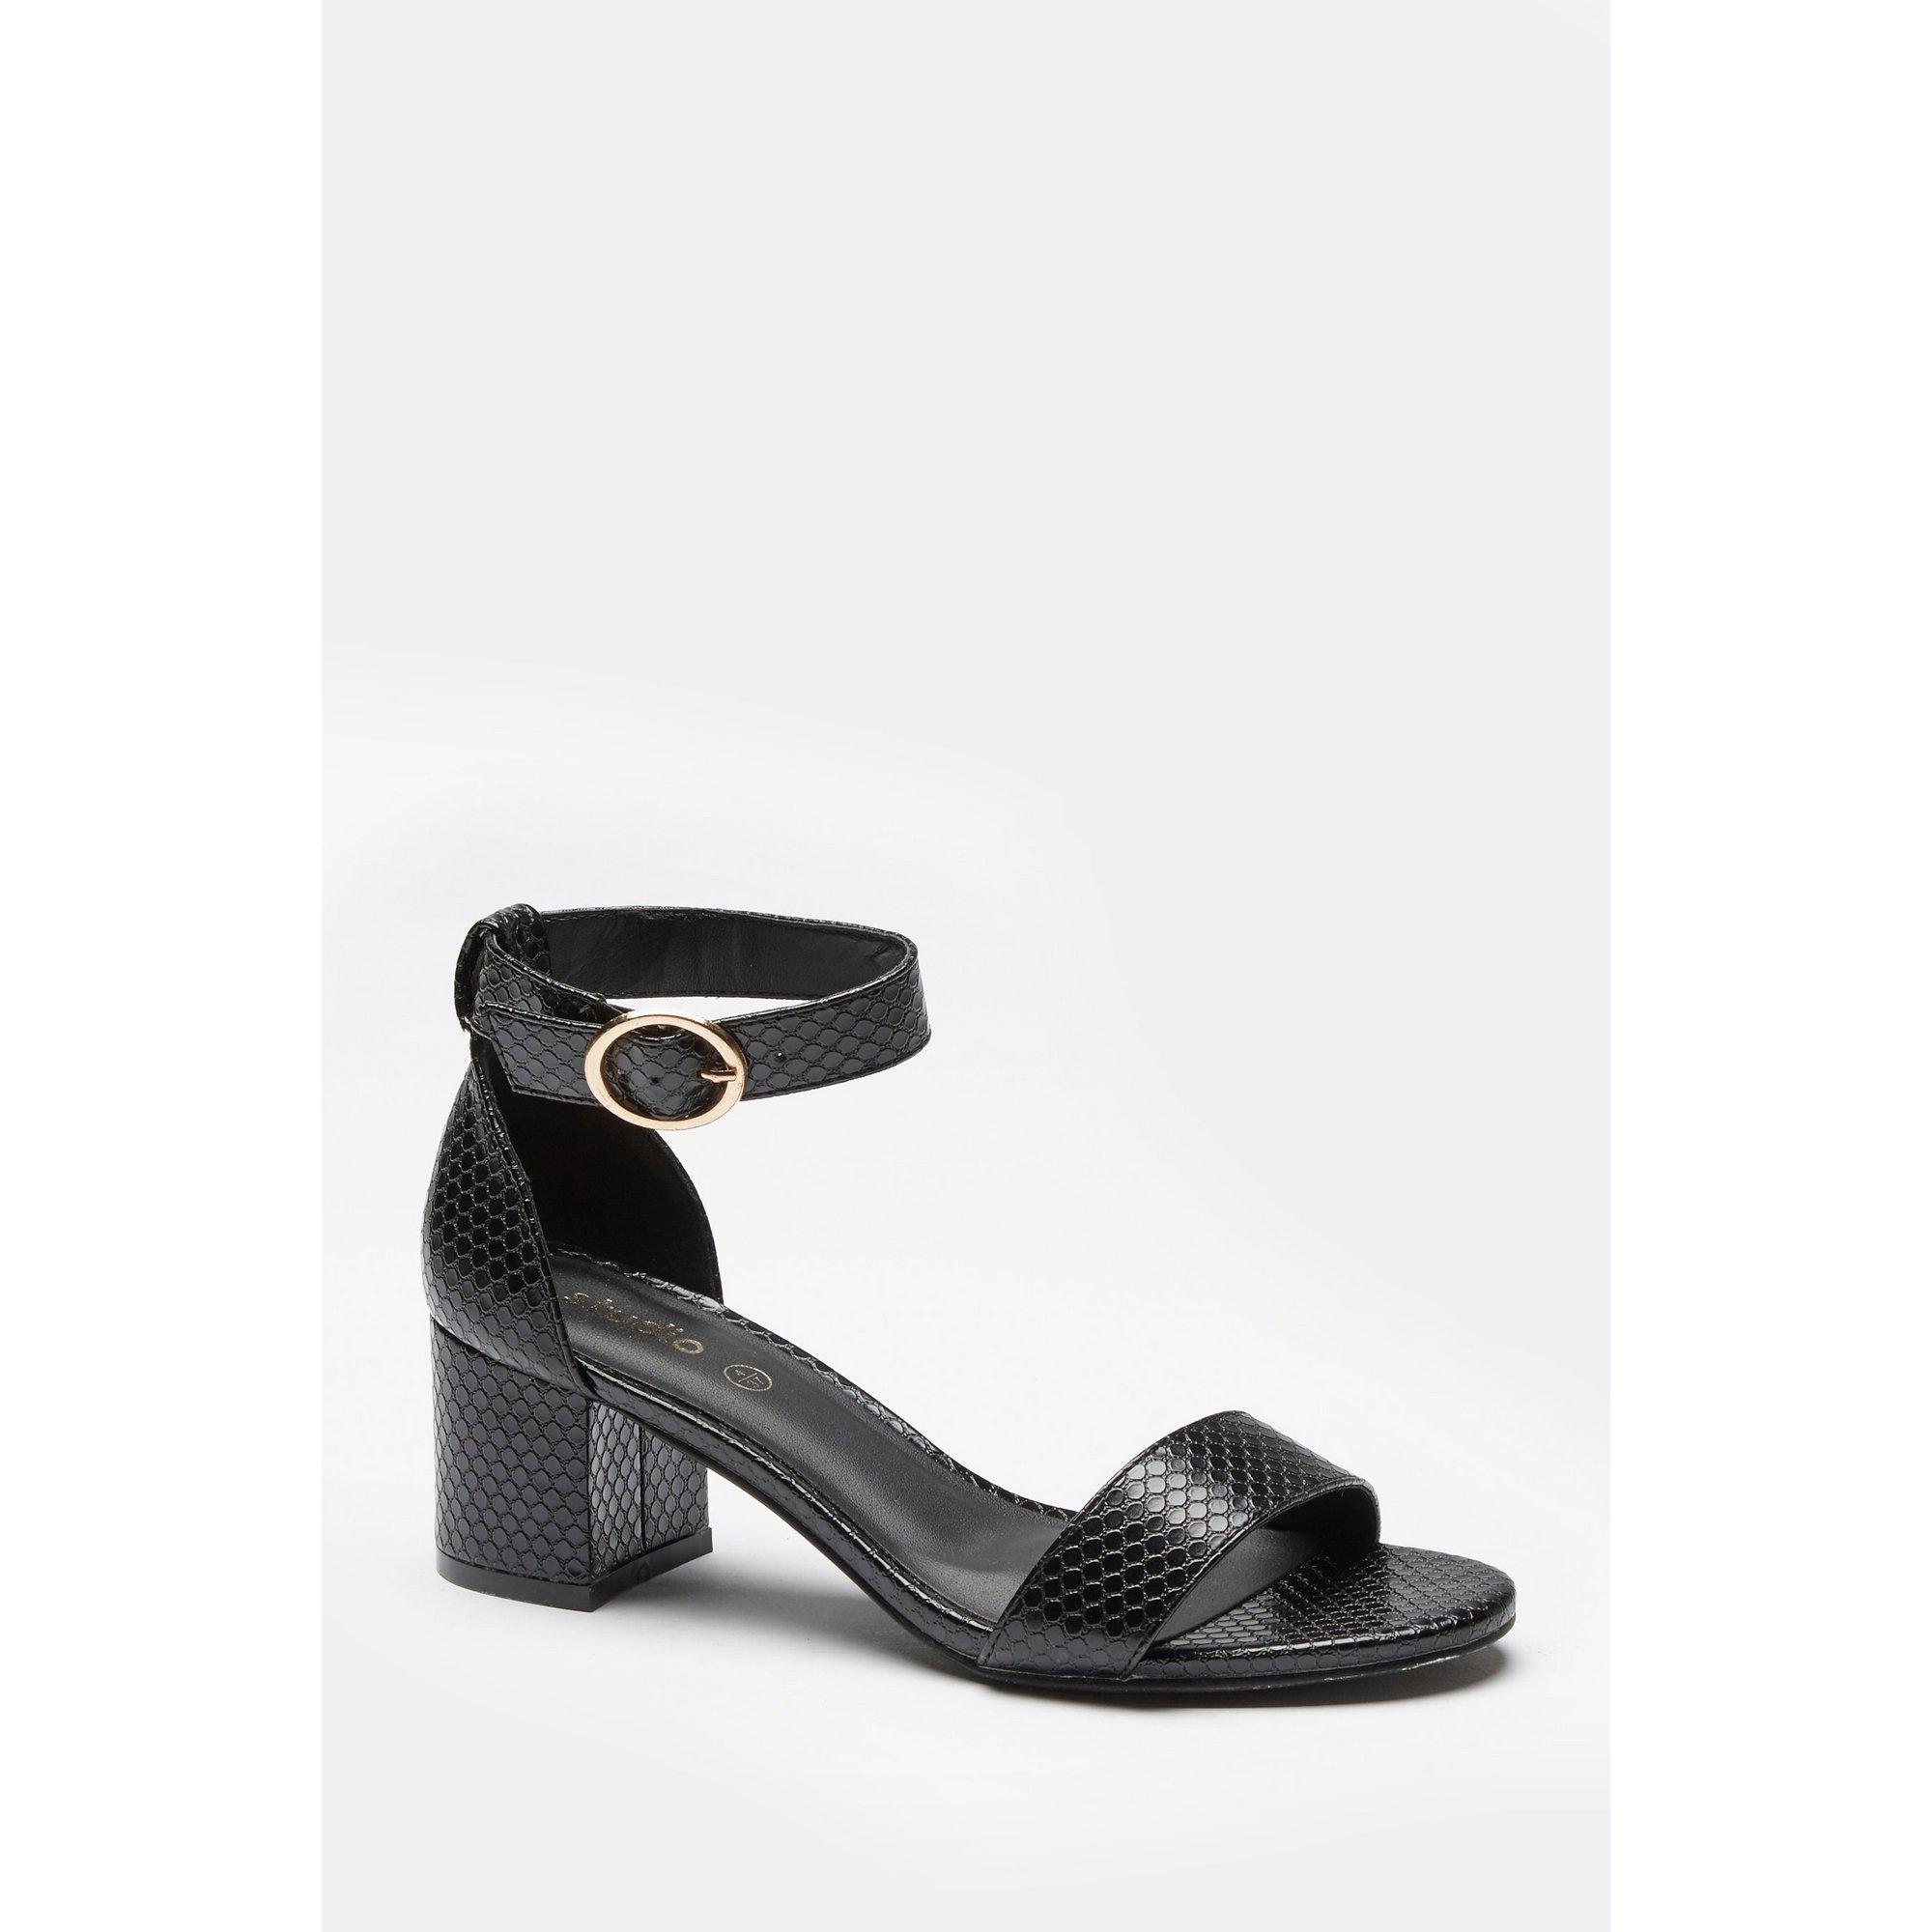 Image of 2-Part Block Heel Sandals